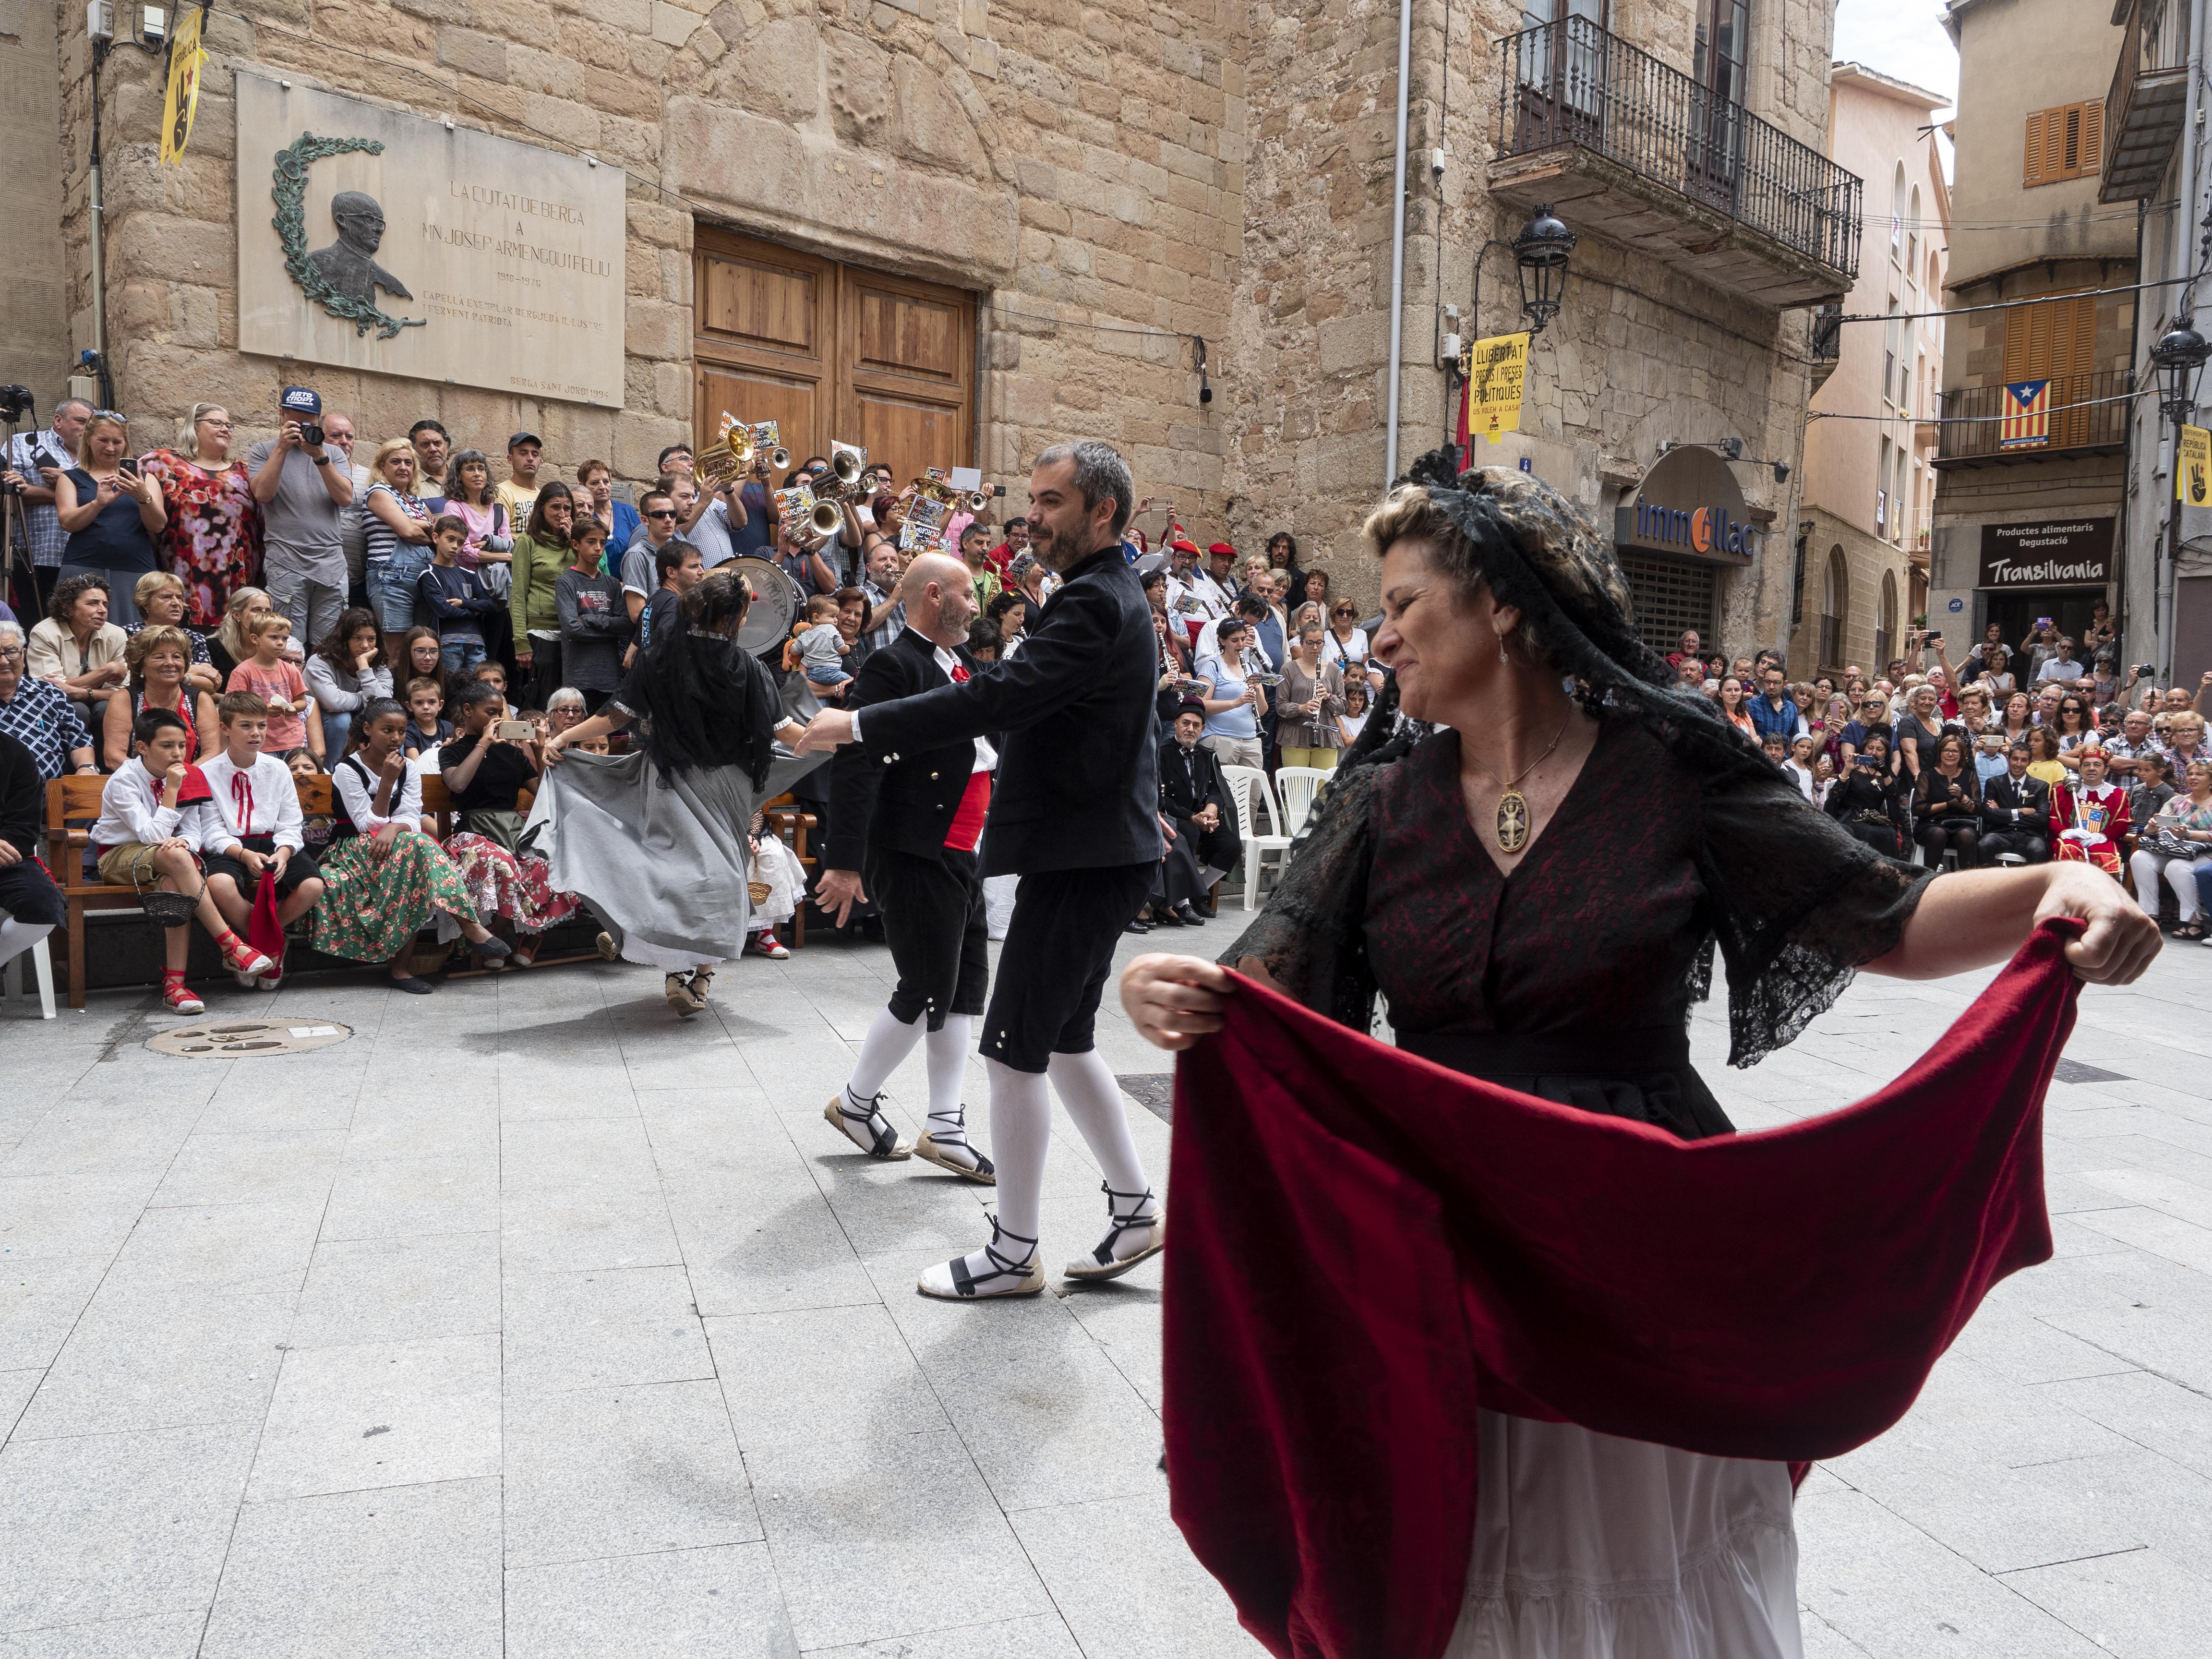 Dues parelles dansant el Ballet de Déu a la Plaça de Sant Joan. FOTO: Anna E. Puig